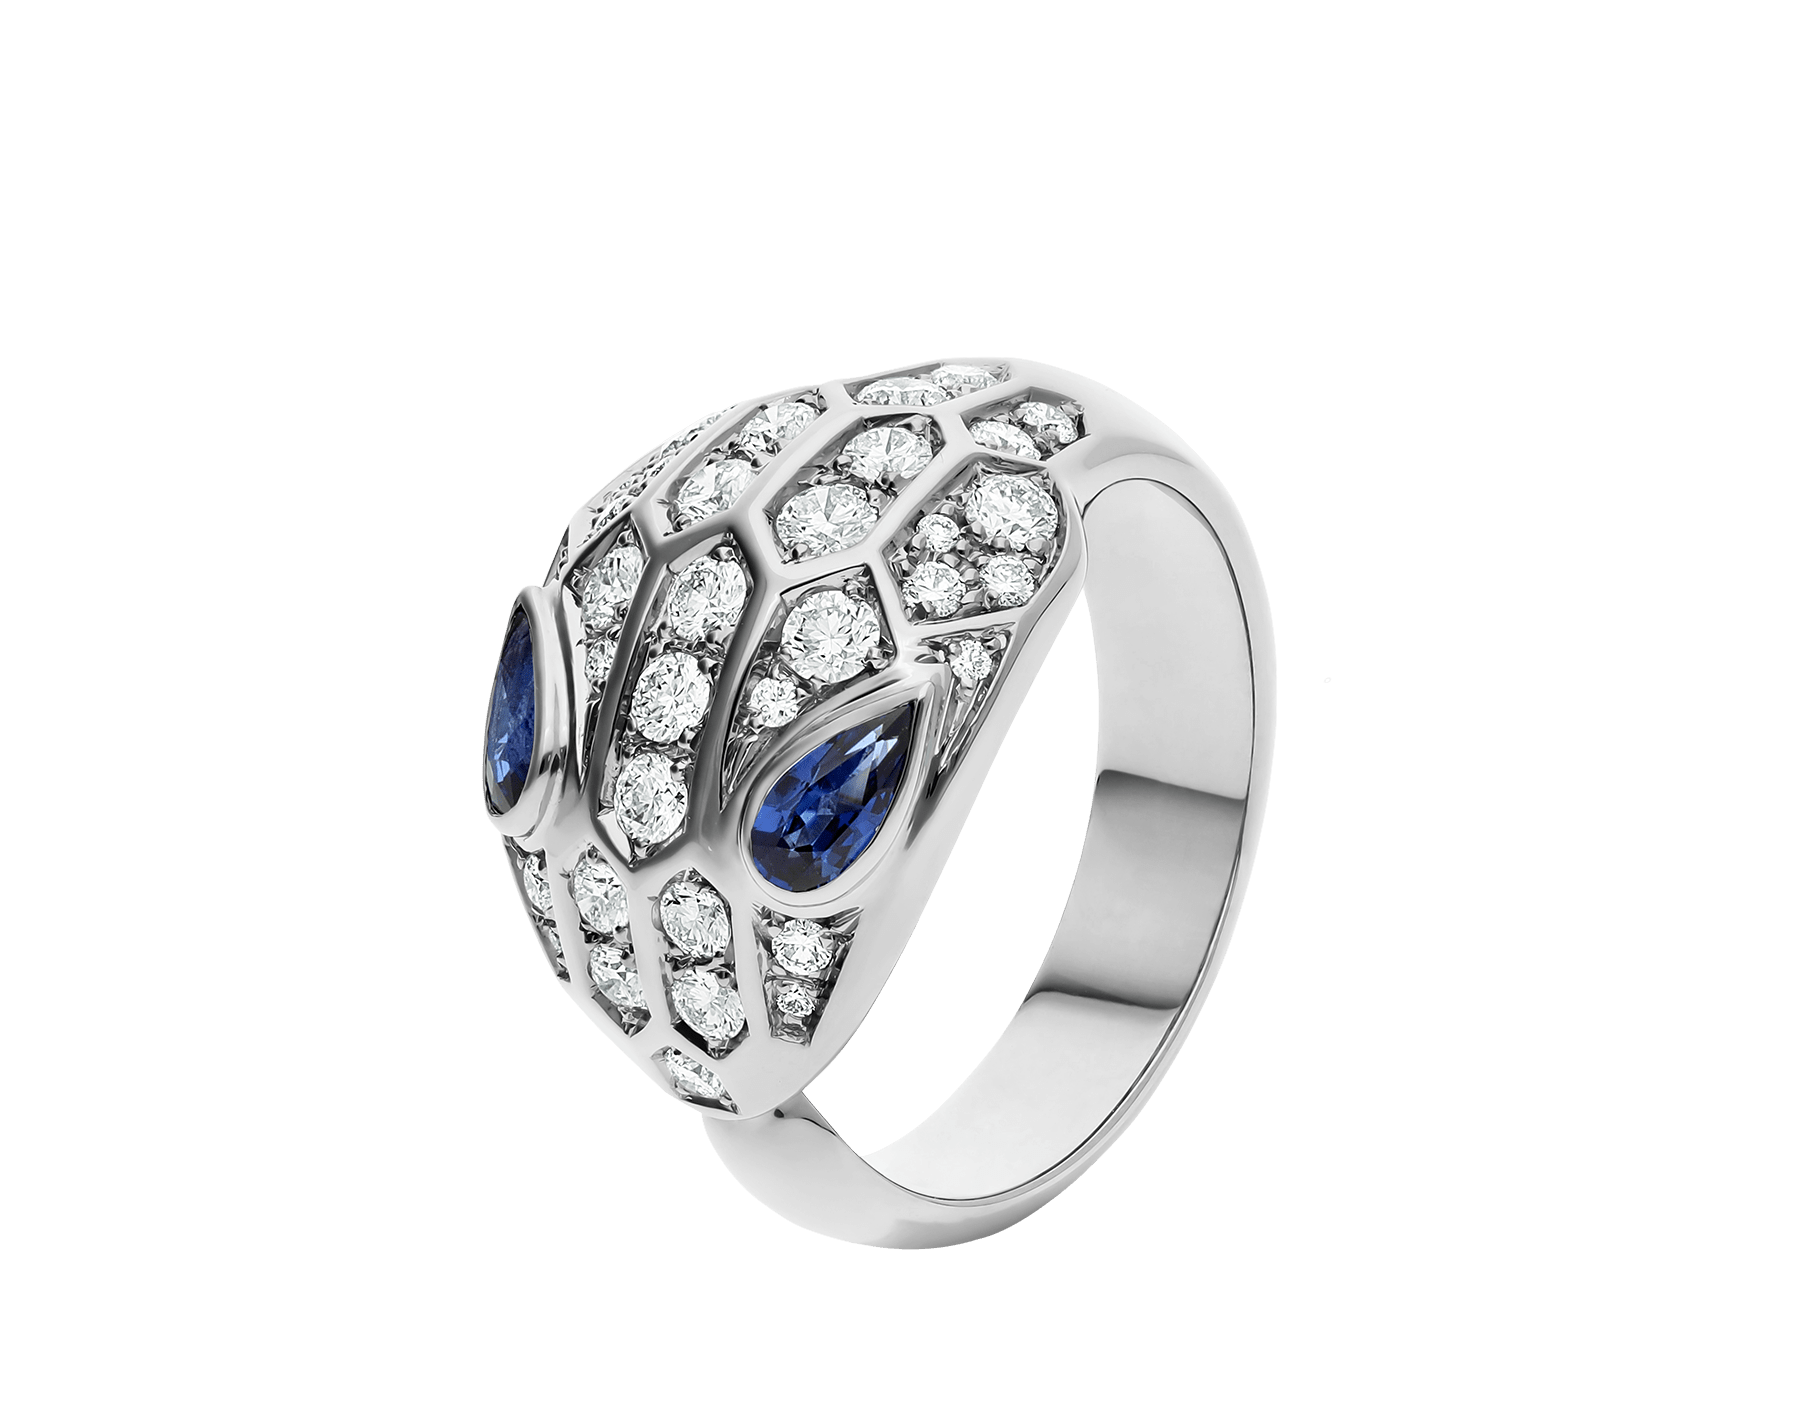 Em uma interpretação texturizada das escamas de uma serpente, o anel Serpenti brilha com sua pele de diamantes cravejados e com o poder de atração de seus magnéticos olhos de safira azul. AN857879 image 1